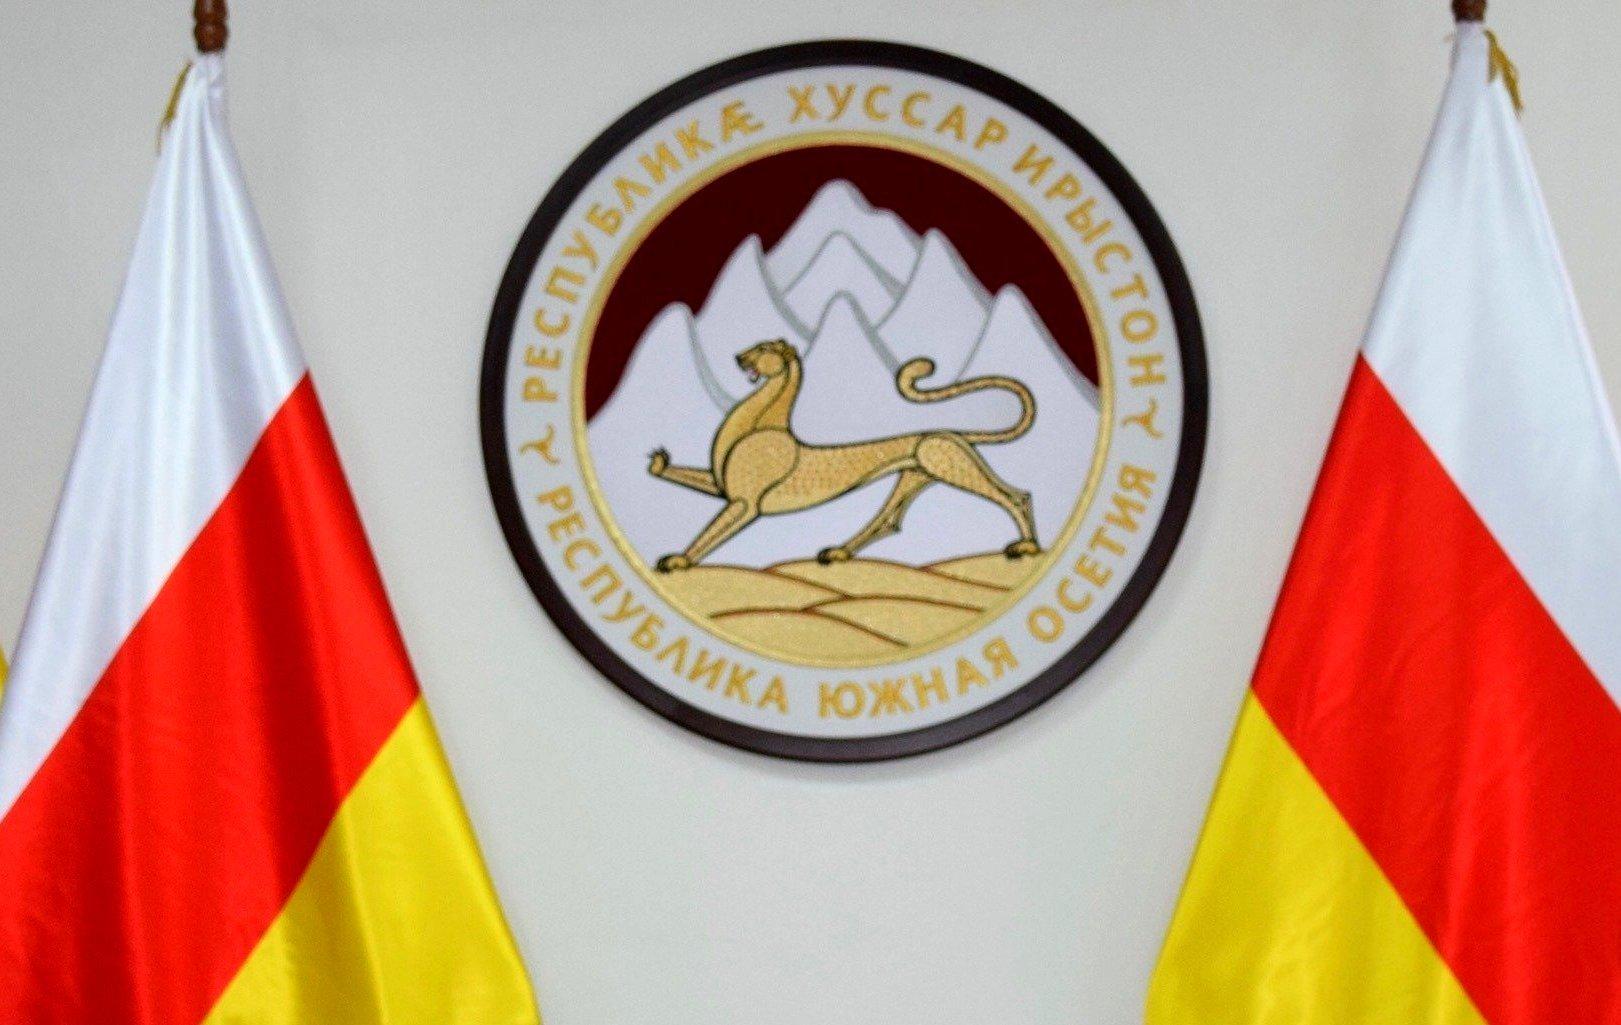 Информационное сообщение Посольства всвязи с 12-й годовщиной агрессии Грузии против Южной Осетии